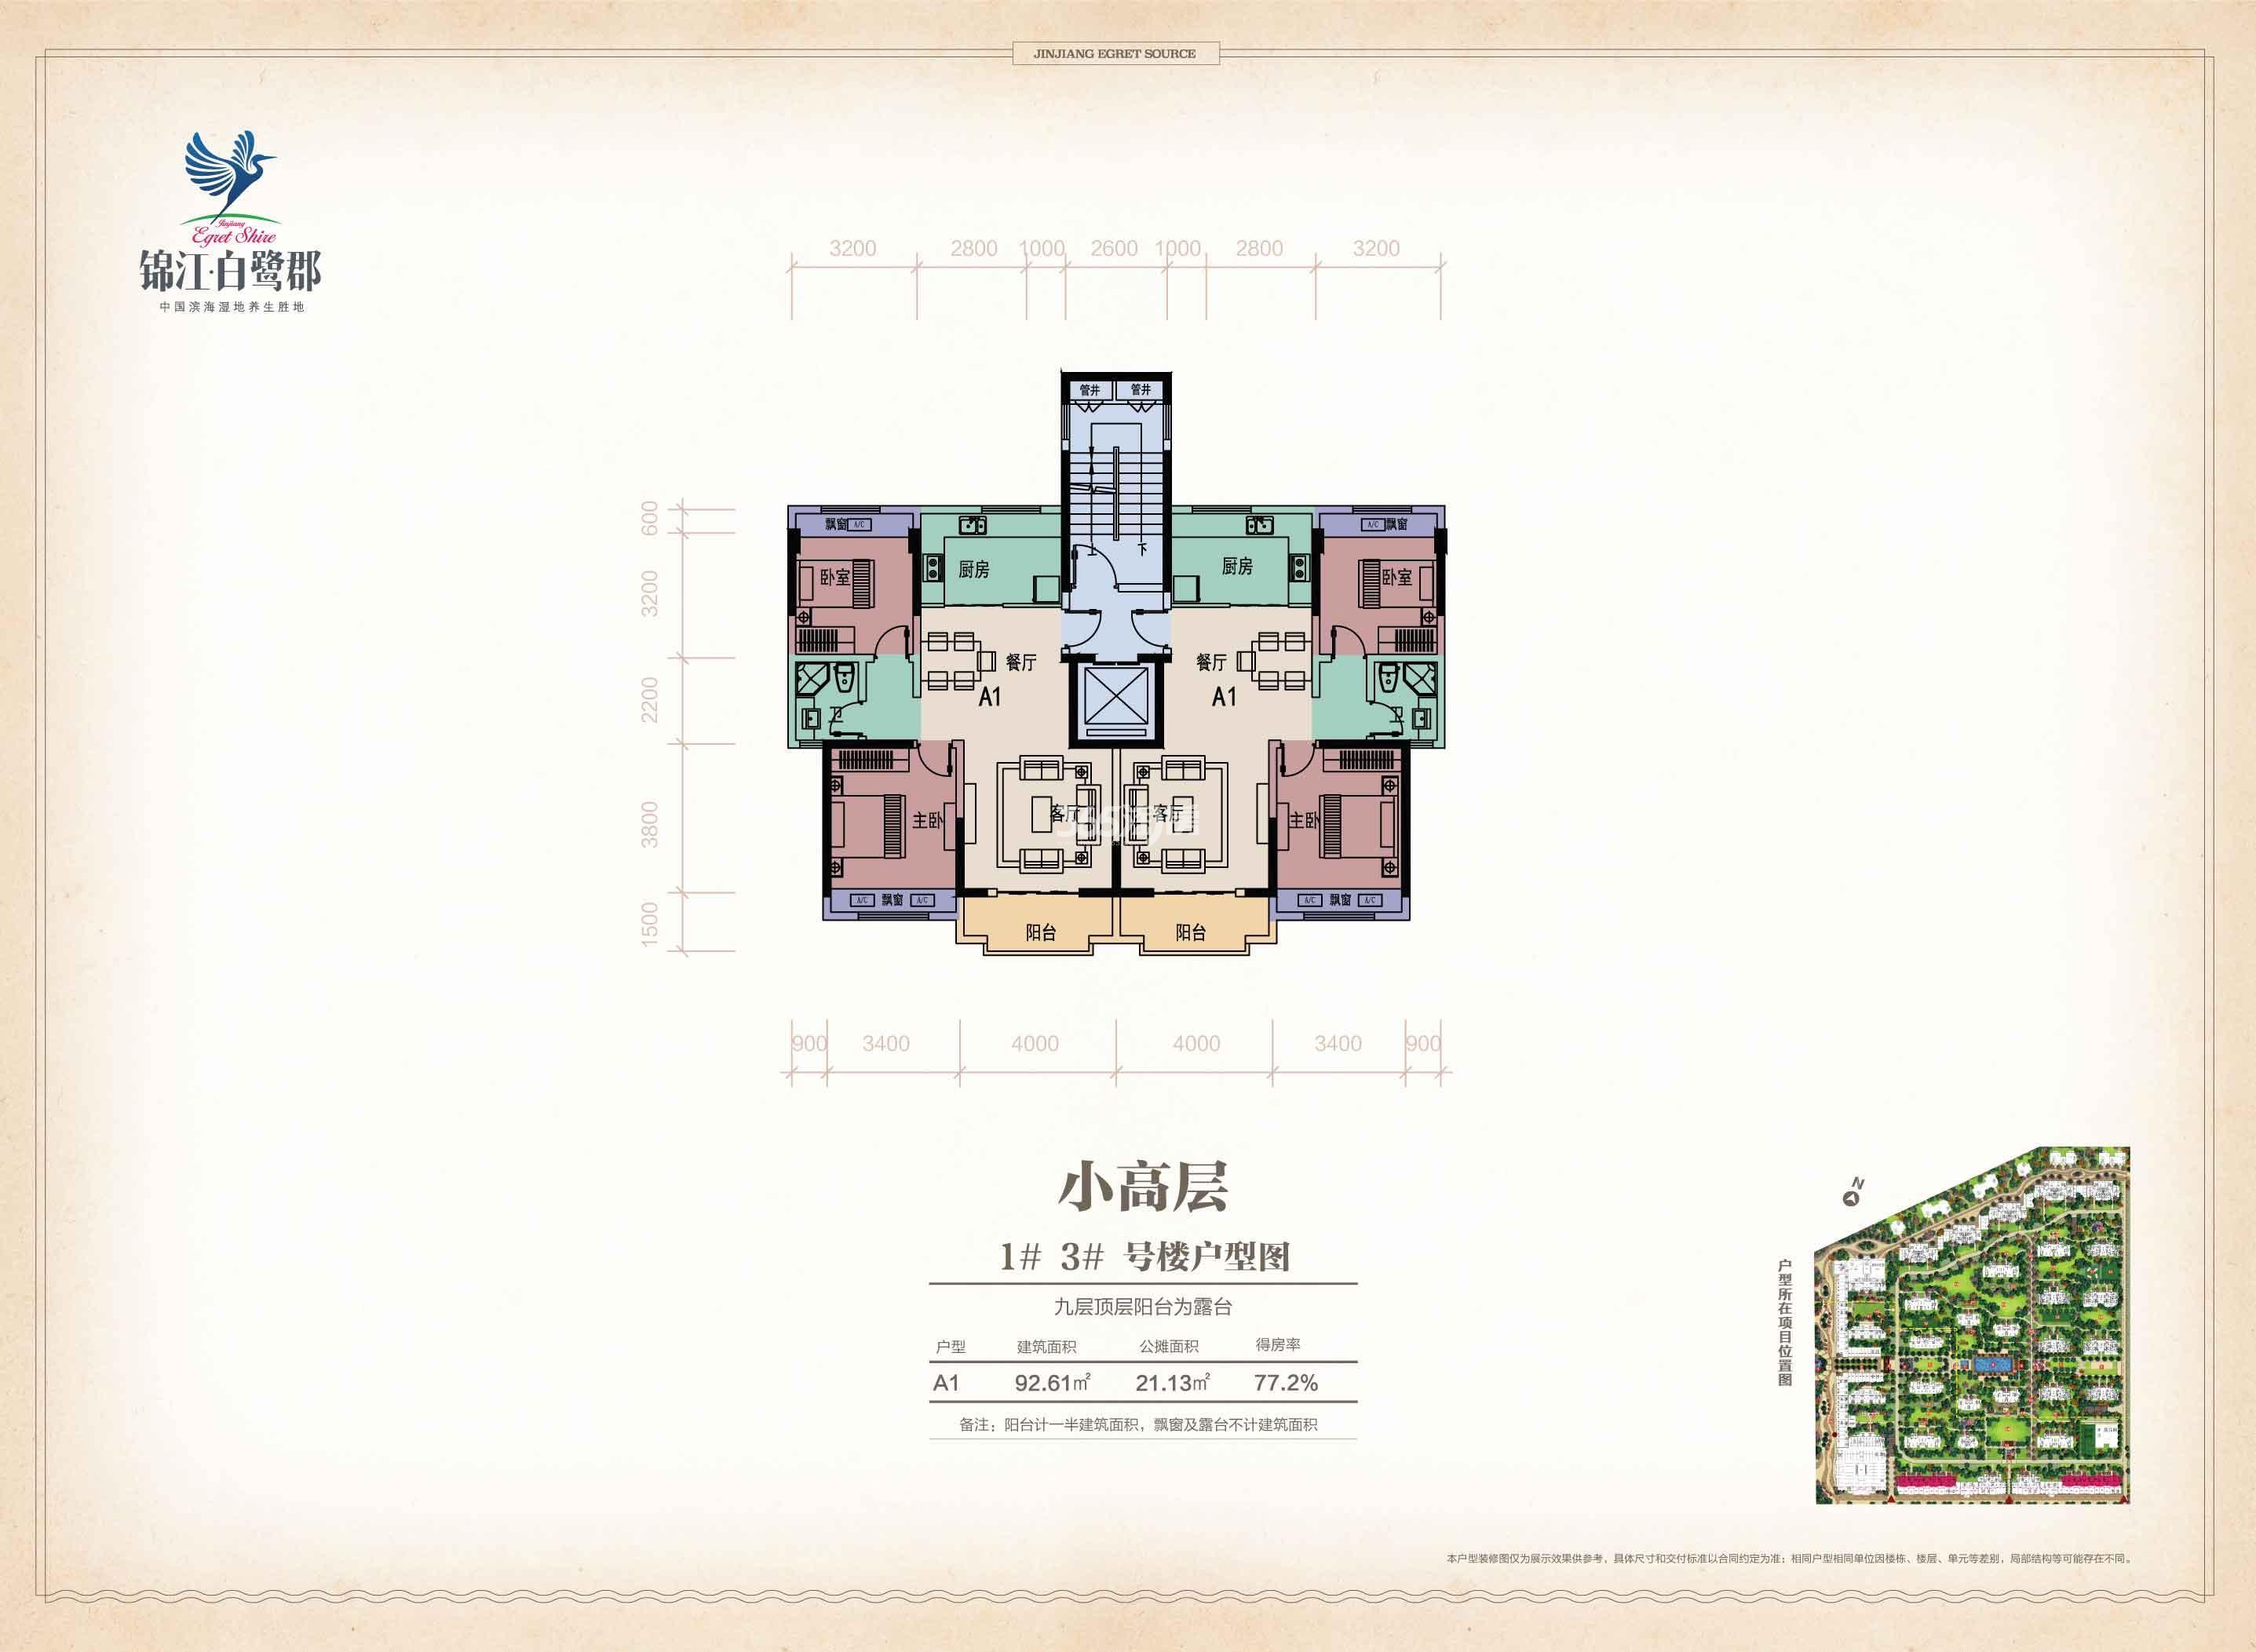 锦江白鹭郡1#3#号楼户型图